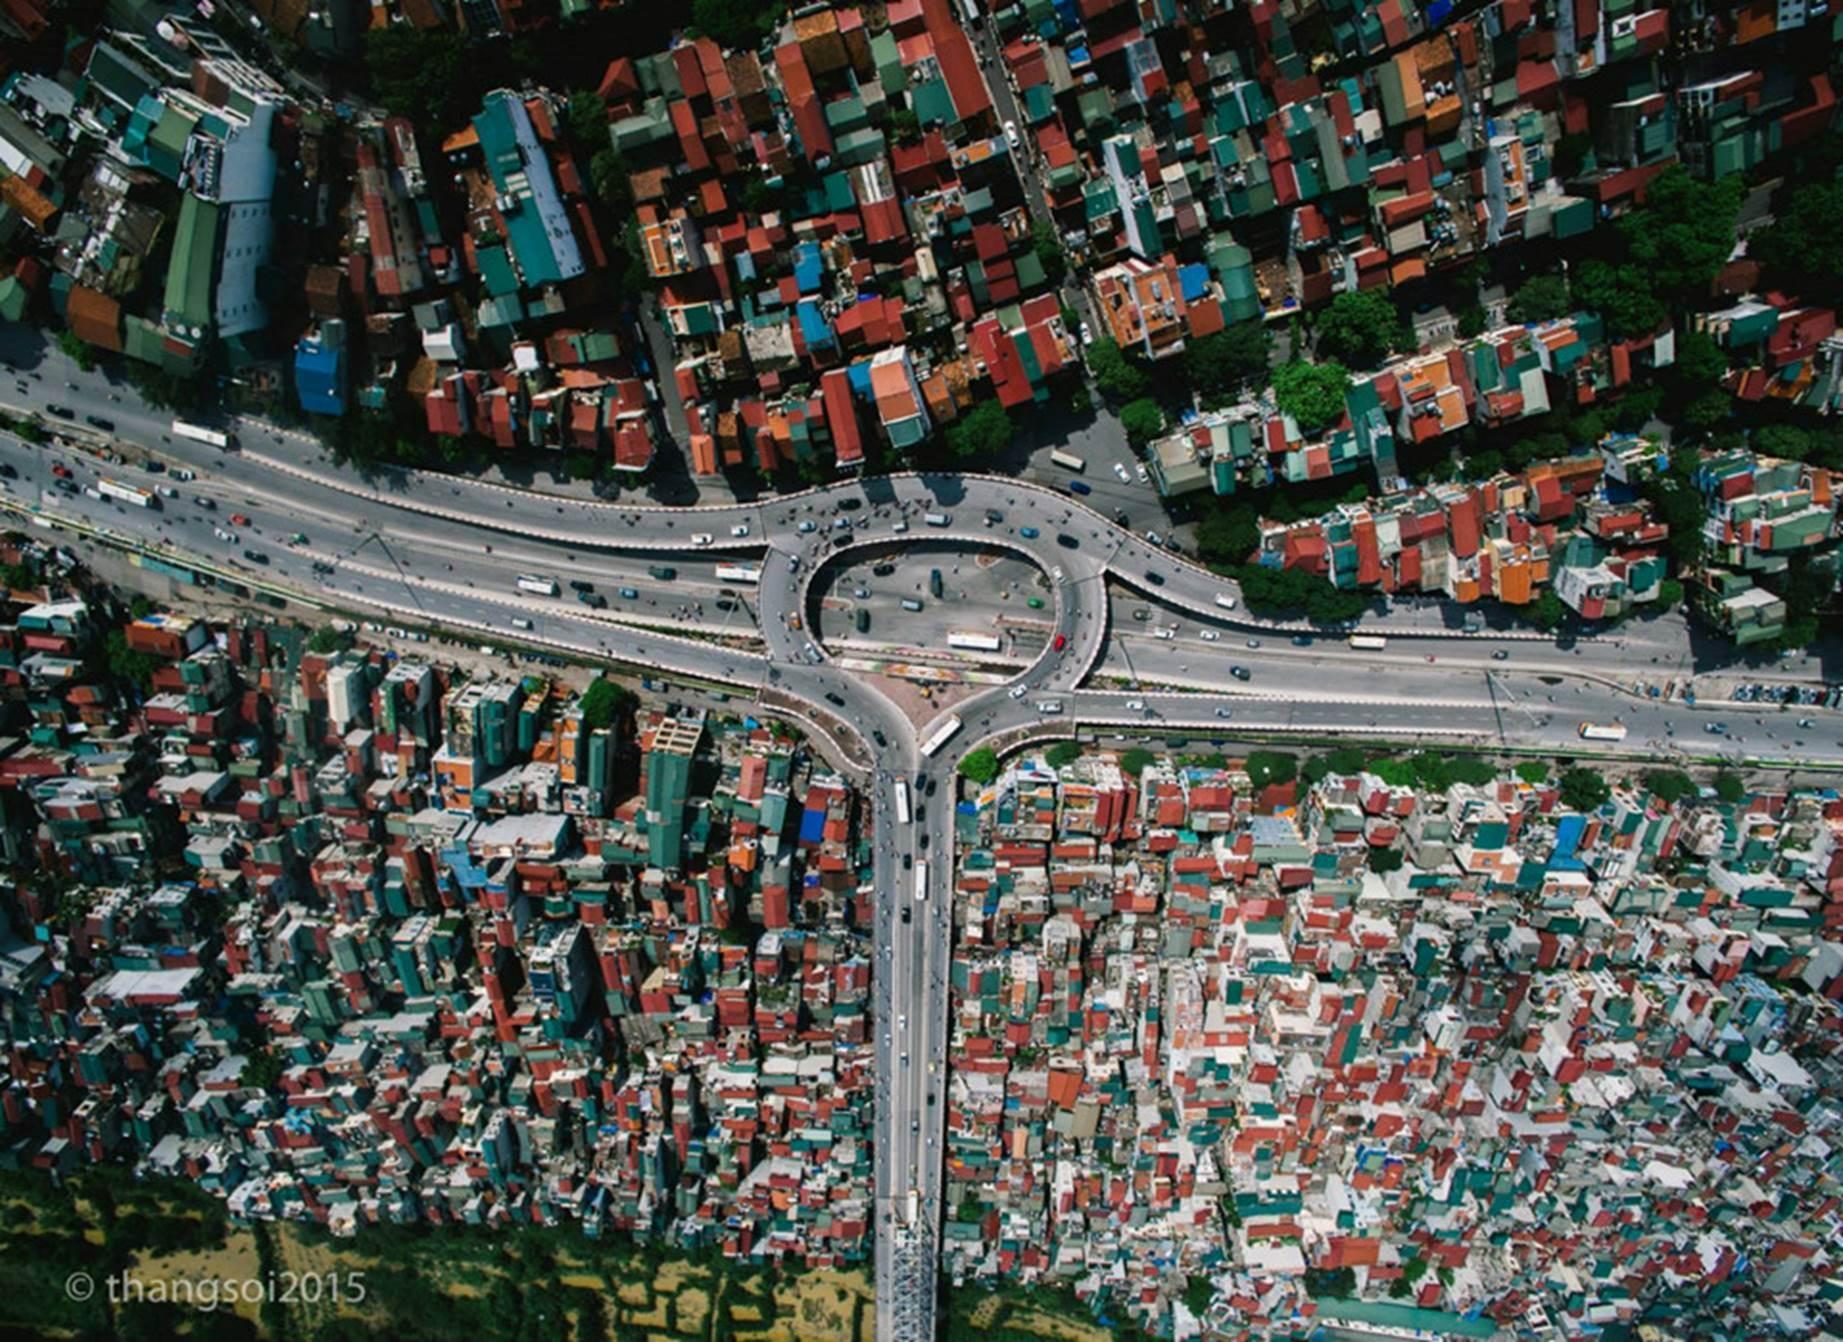 Dấu ấn Việt Nam nhìn từ bầu trời của giám khảo Thắng 'Sói'-10